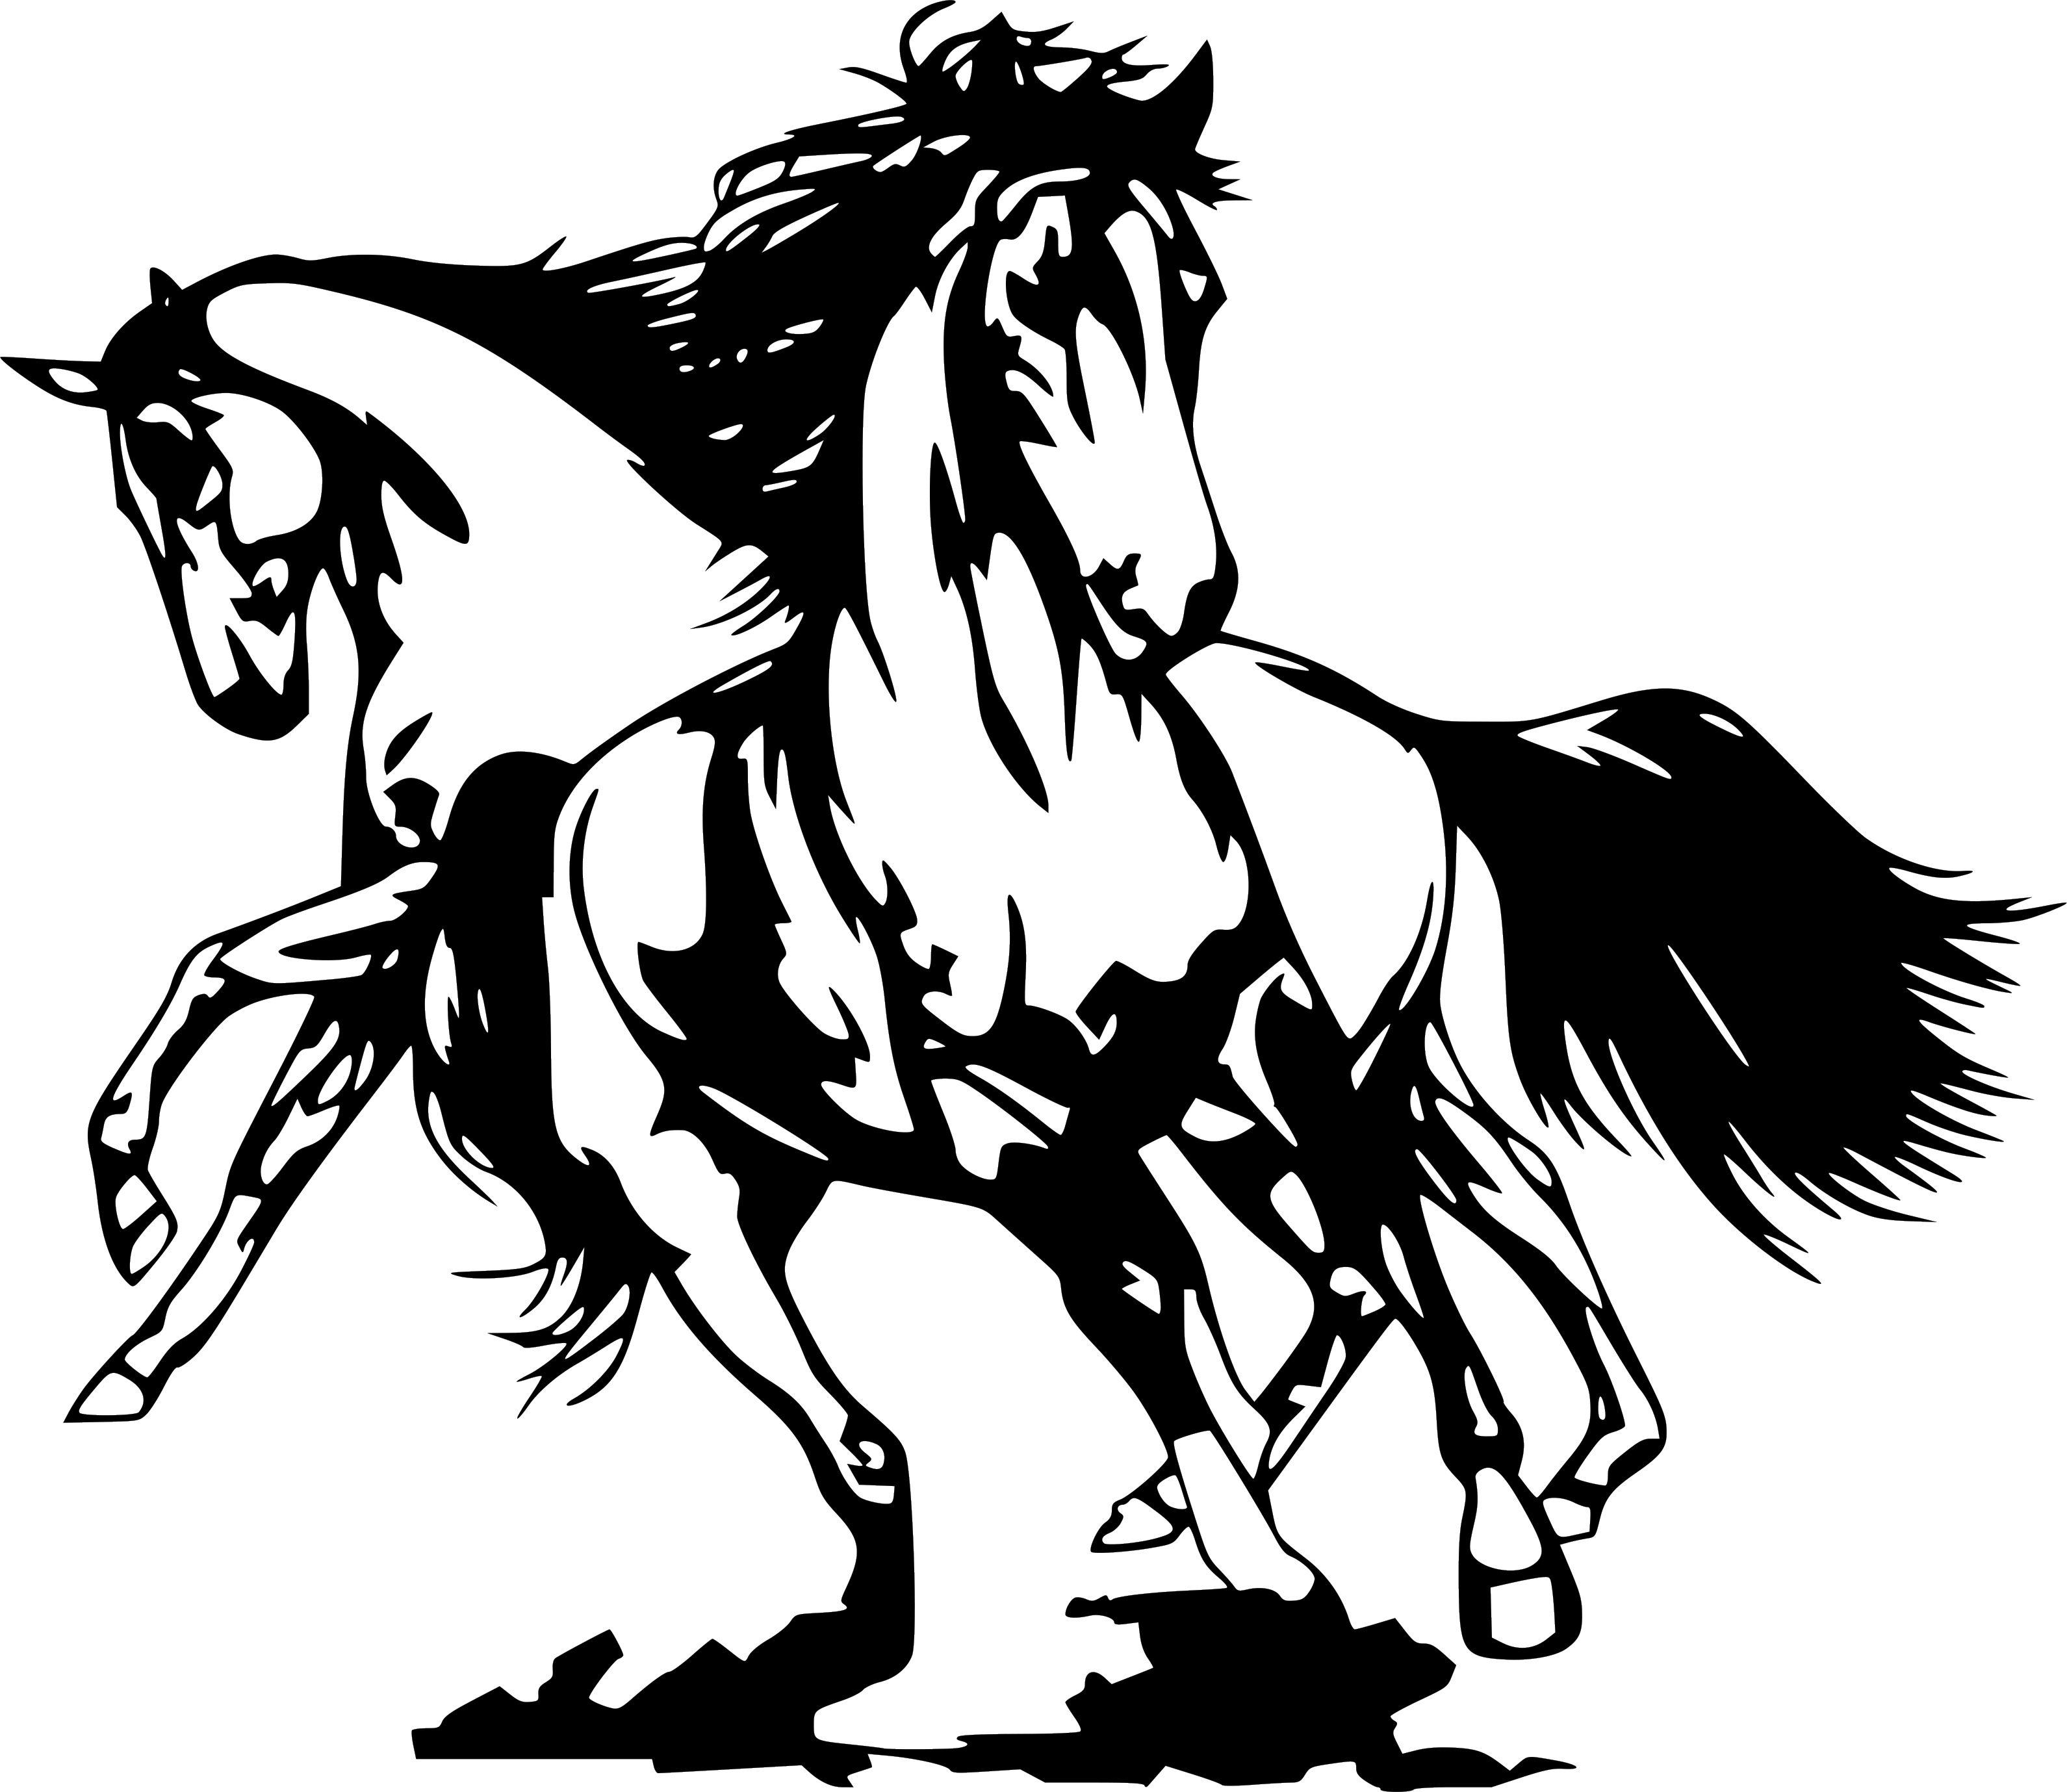 Details About Horse Wild Horses Running Art Car Truck Wall